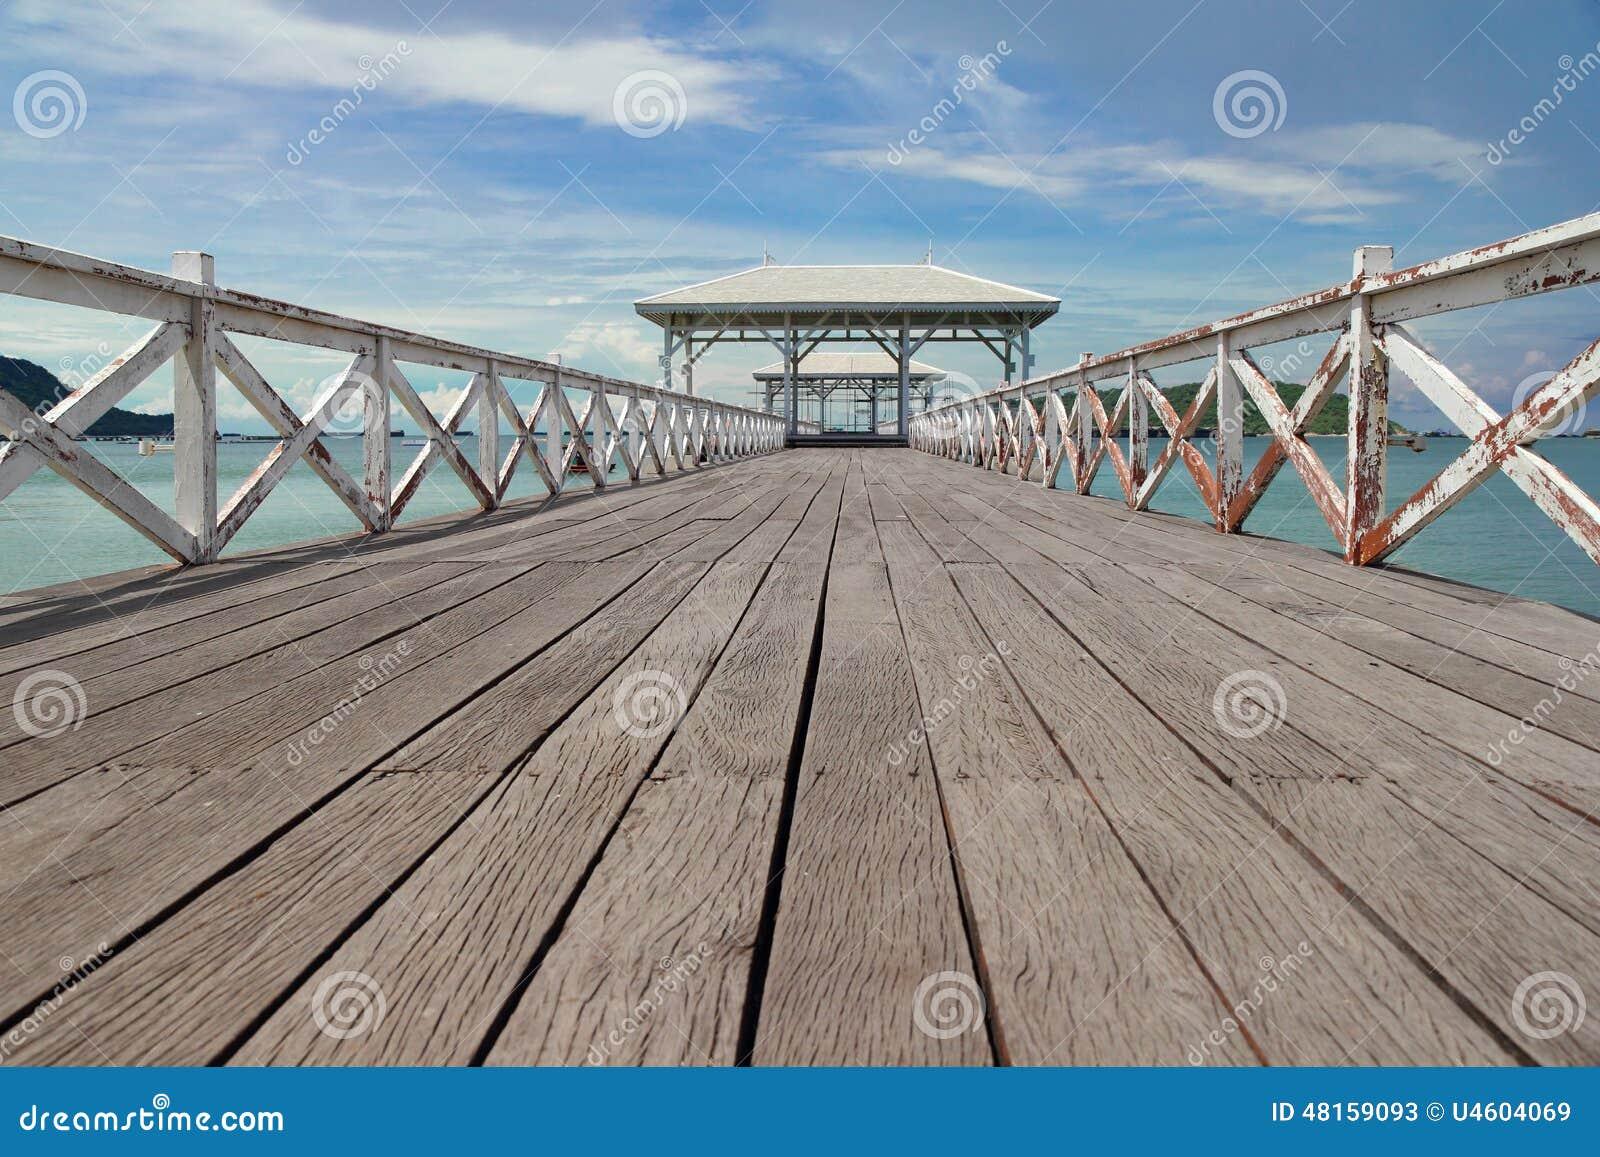 le pont en bois dans le pavillon de mer et de bord de mer en bois photo stock image 48159093. Black Bedroom Furniture Sets. Home Design Ideas